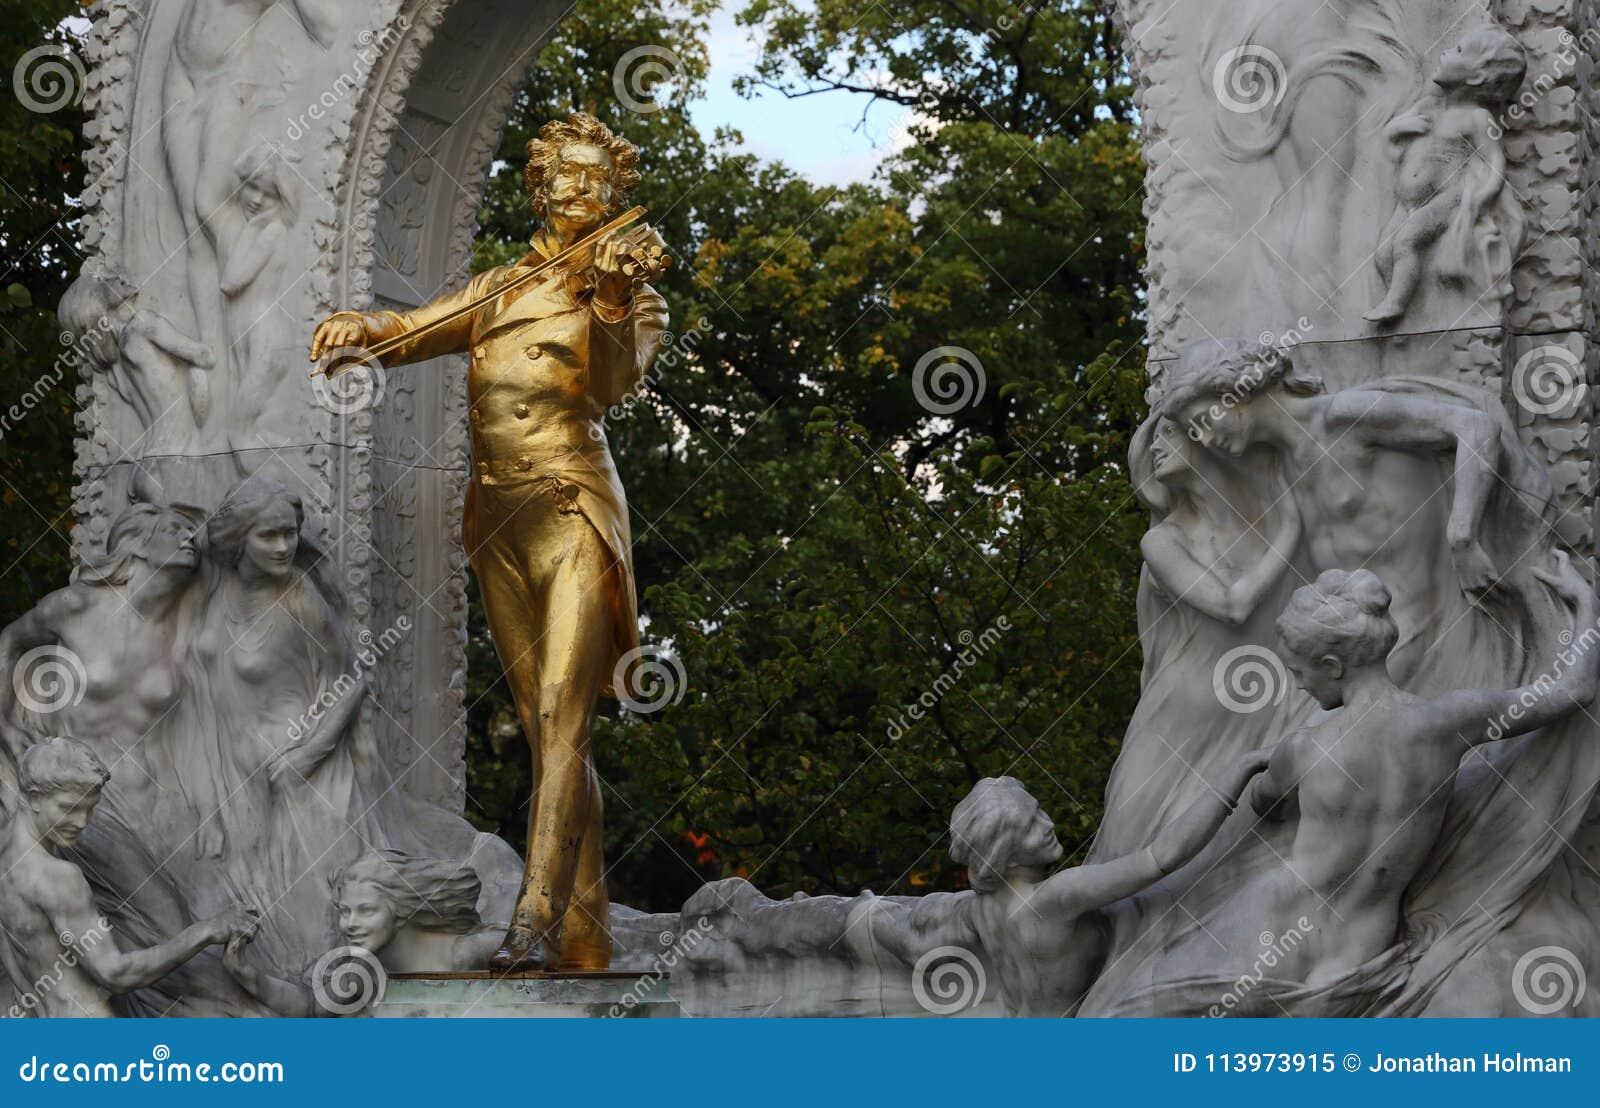 Statue de Strauss à Vienne, Autriche, Wien Musique, compositeur Statue d or